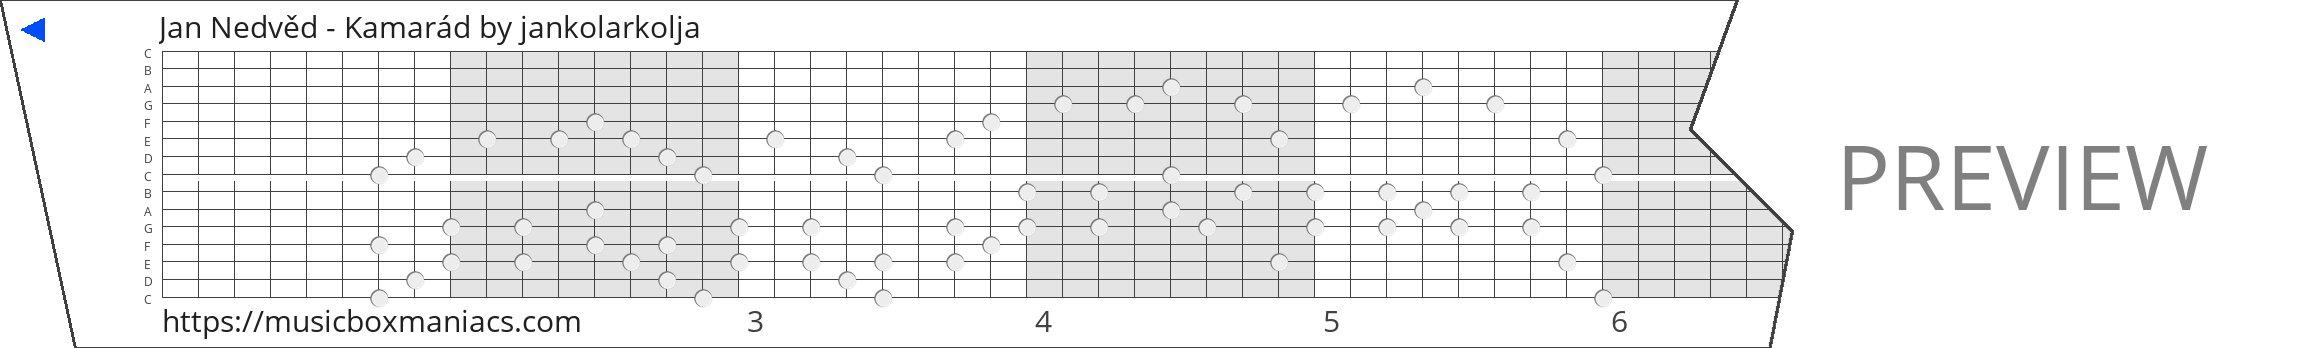 Jan Nedvěd - Kamarád 15 note music box paper strip